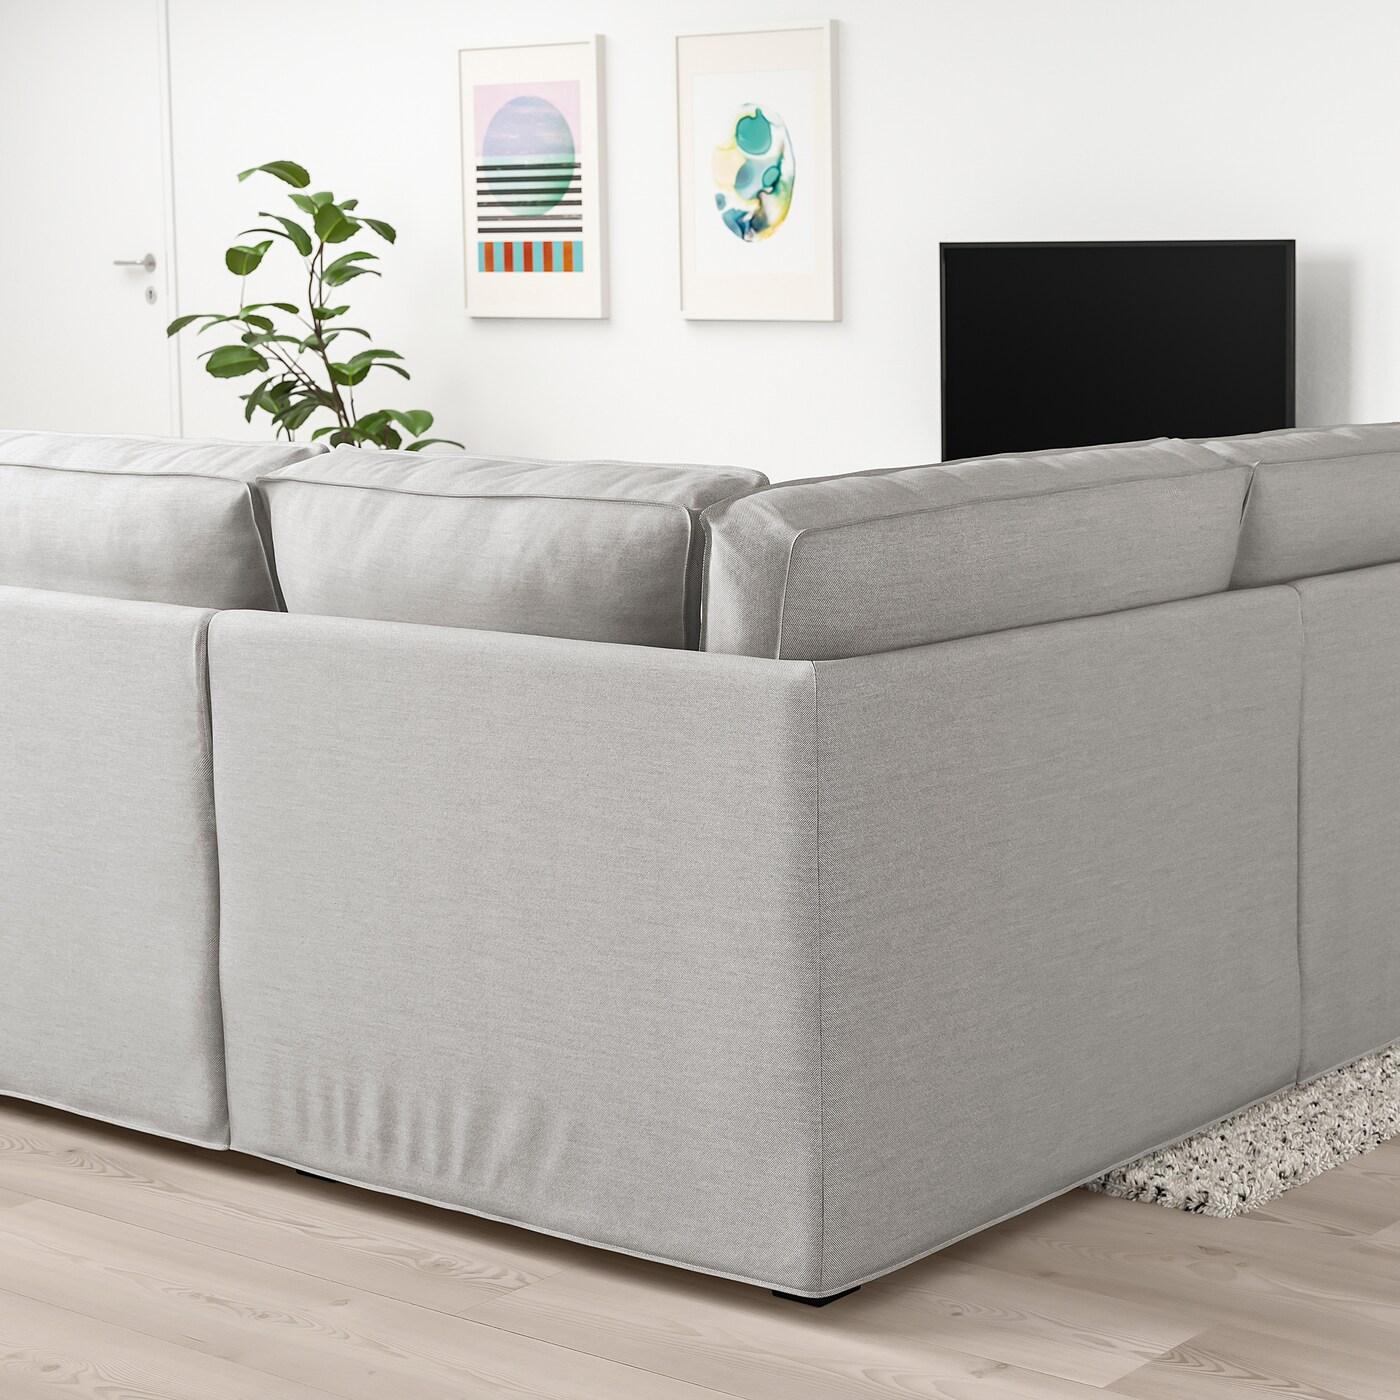 Kivik U Shaped Sofa 7 Seat Orrsta 9